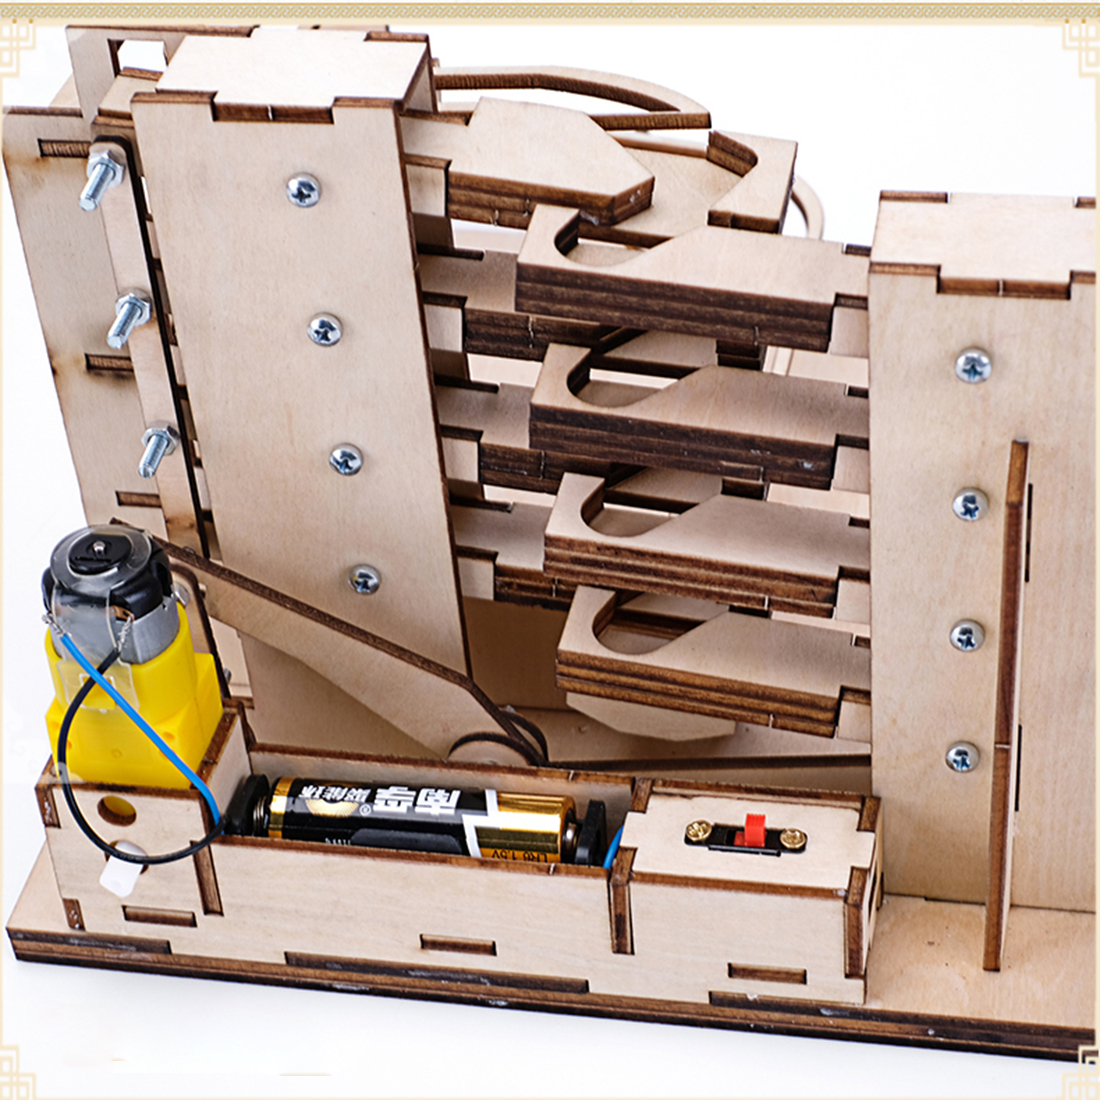 Hecb77877d4d74d4d9fba185936ef30ab3 - Robotime - DIY Models, DIY Miniature Houses, 3d Wooden Puzzle